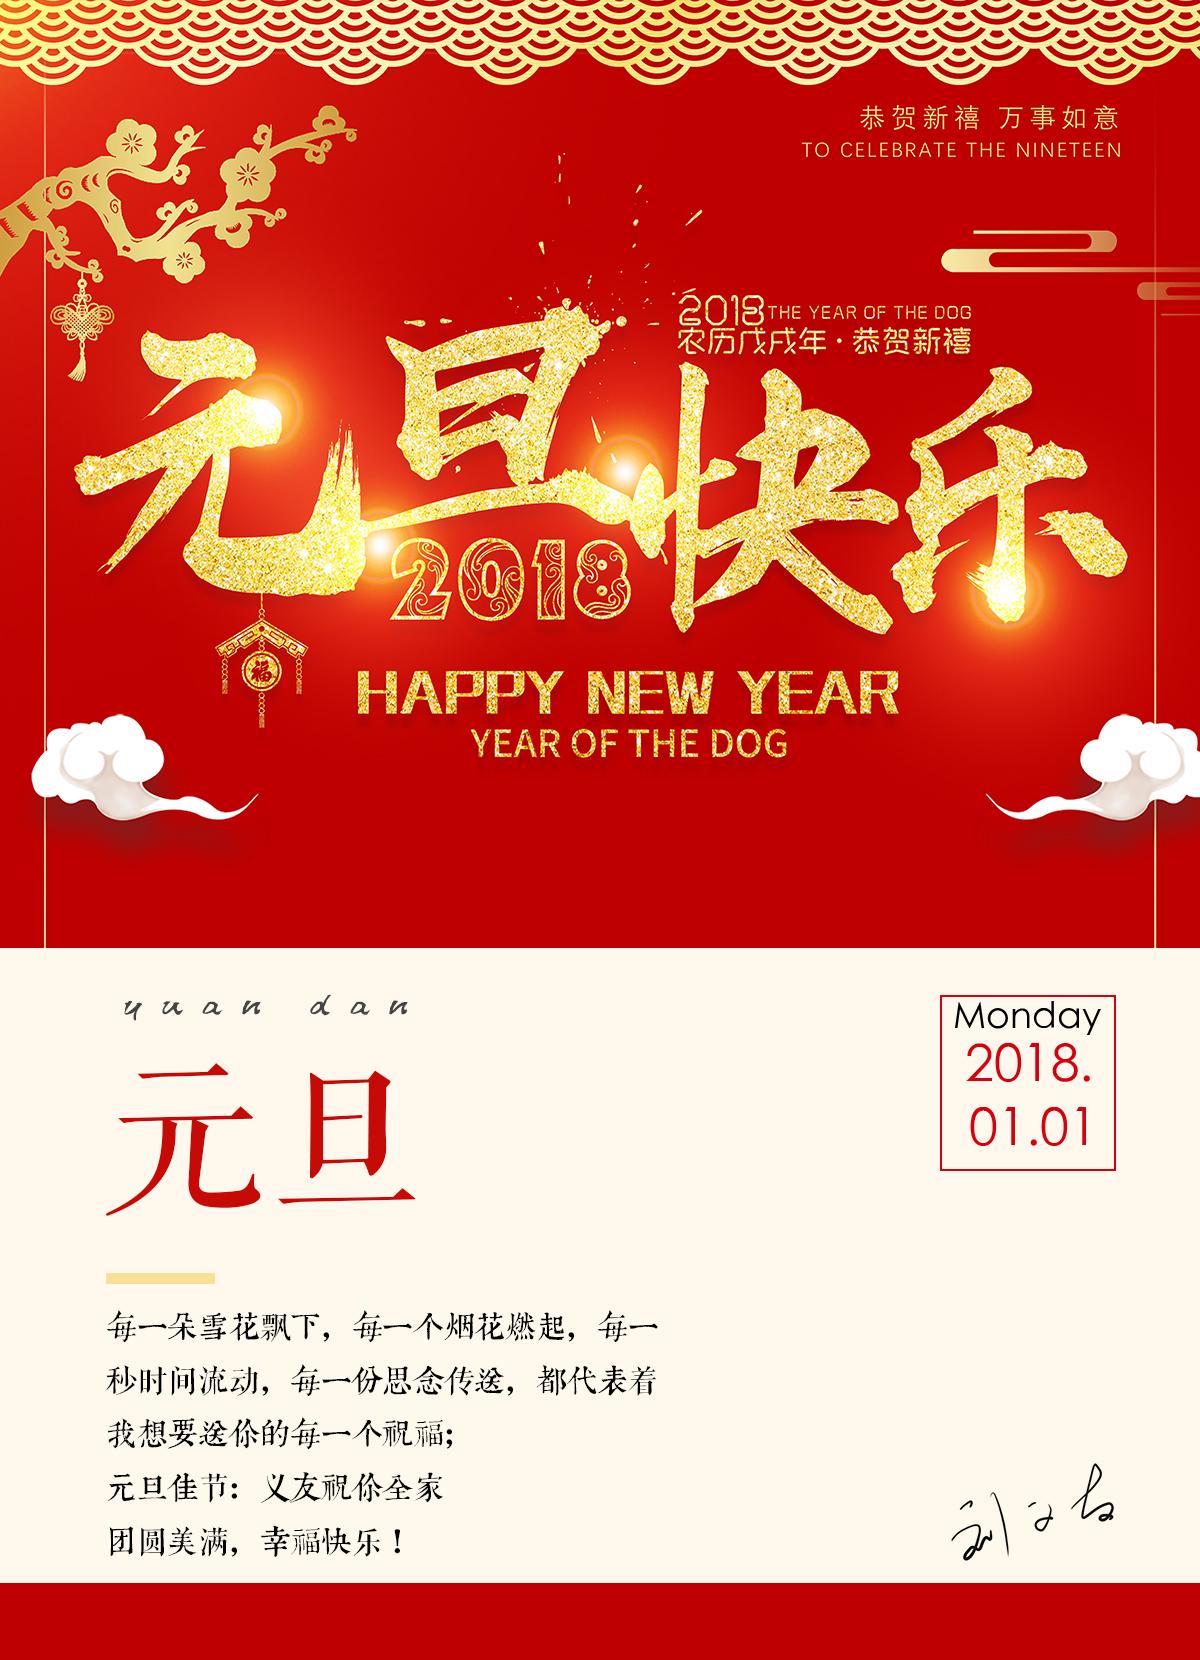 新年快乐!